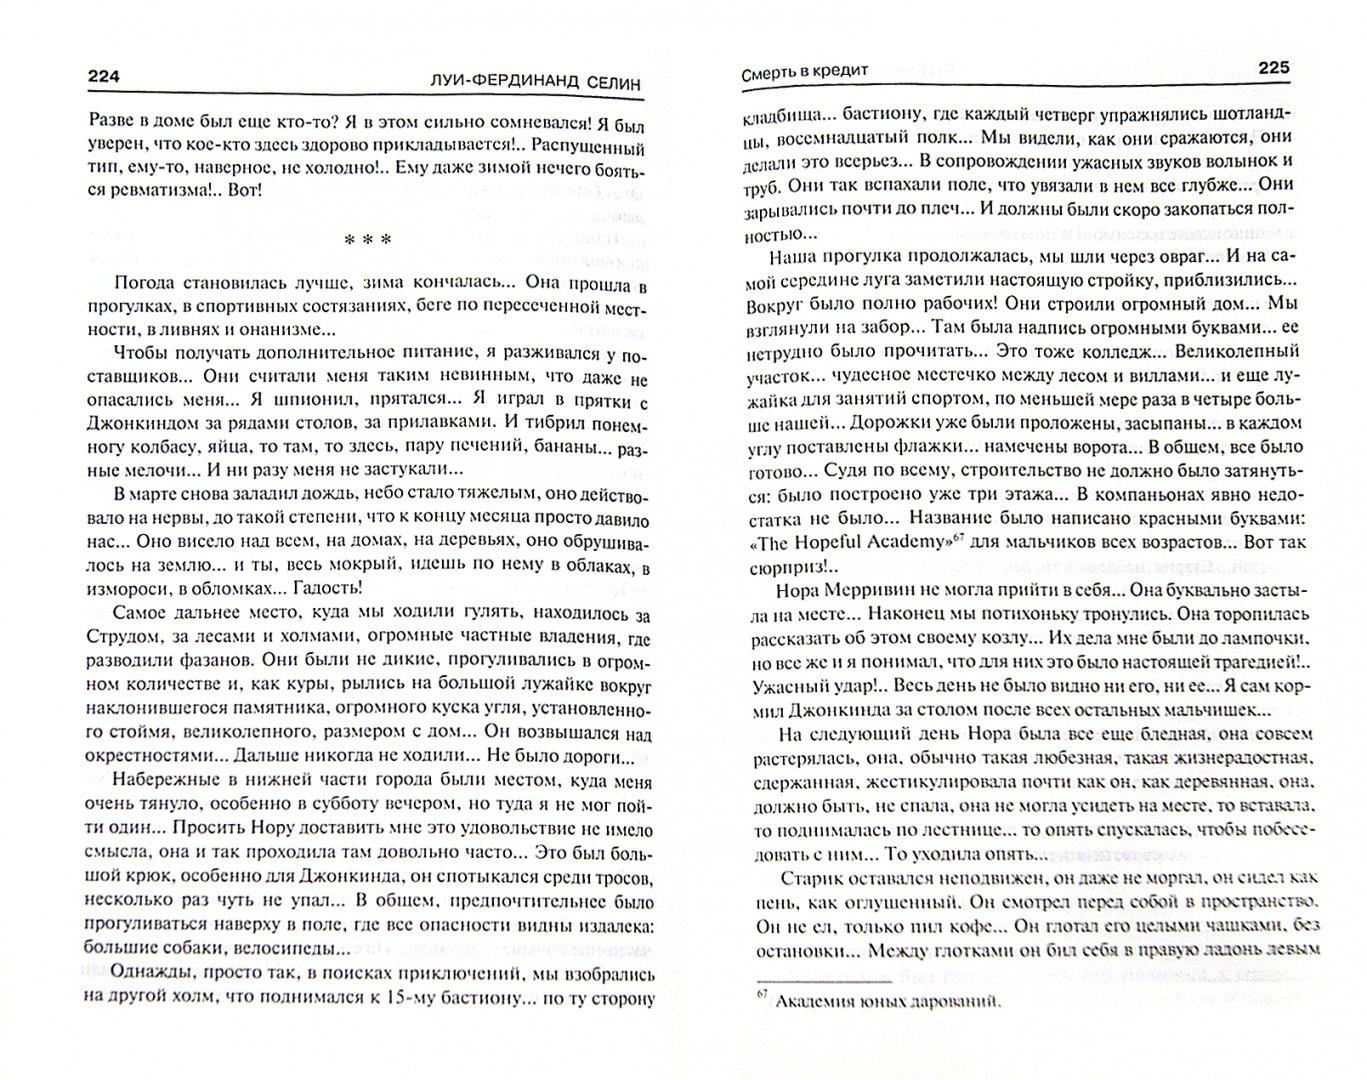 Иллюстрация 1 из 15 для Смерть в кредит - Луи-Фердинанд Селин | Лабиринт - книги. Источник: Лабиринт